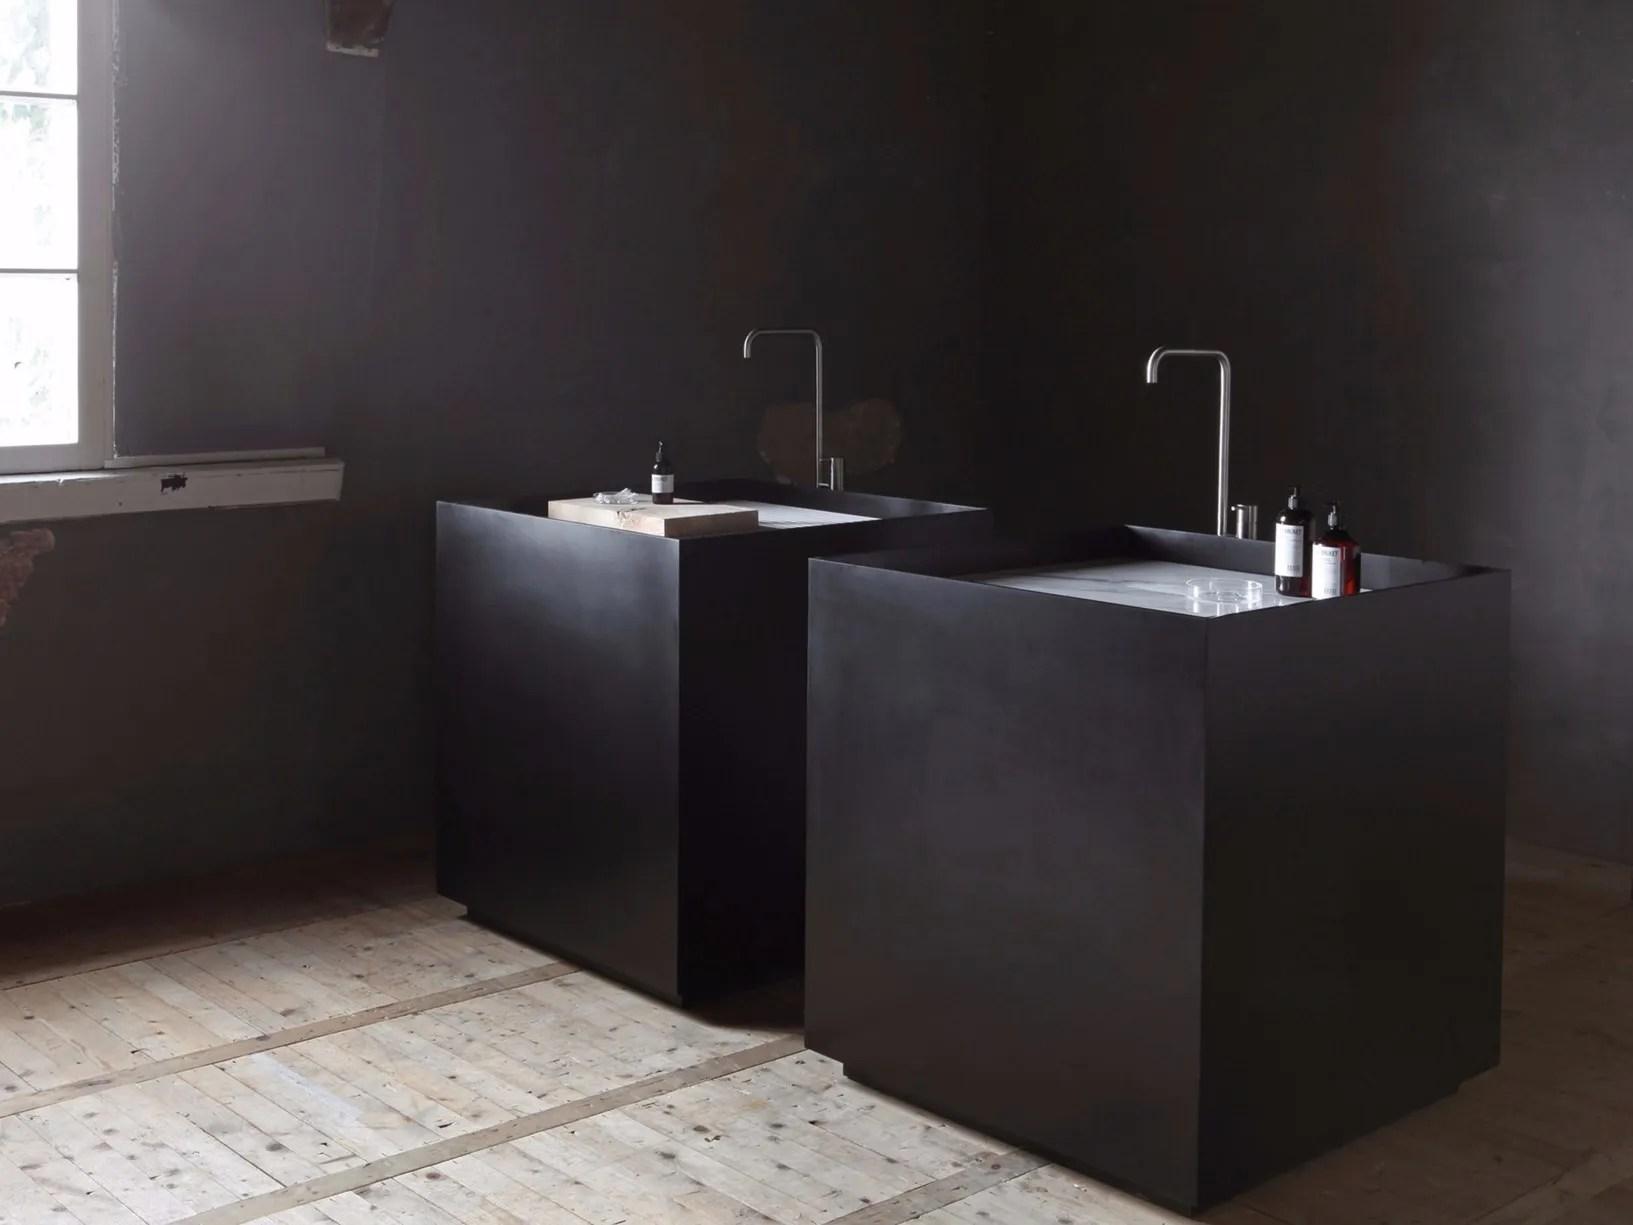 Ikea luci bagno armadietti bagno ikea dolce specchio bagno con